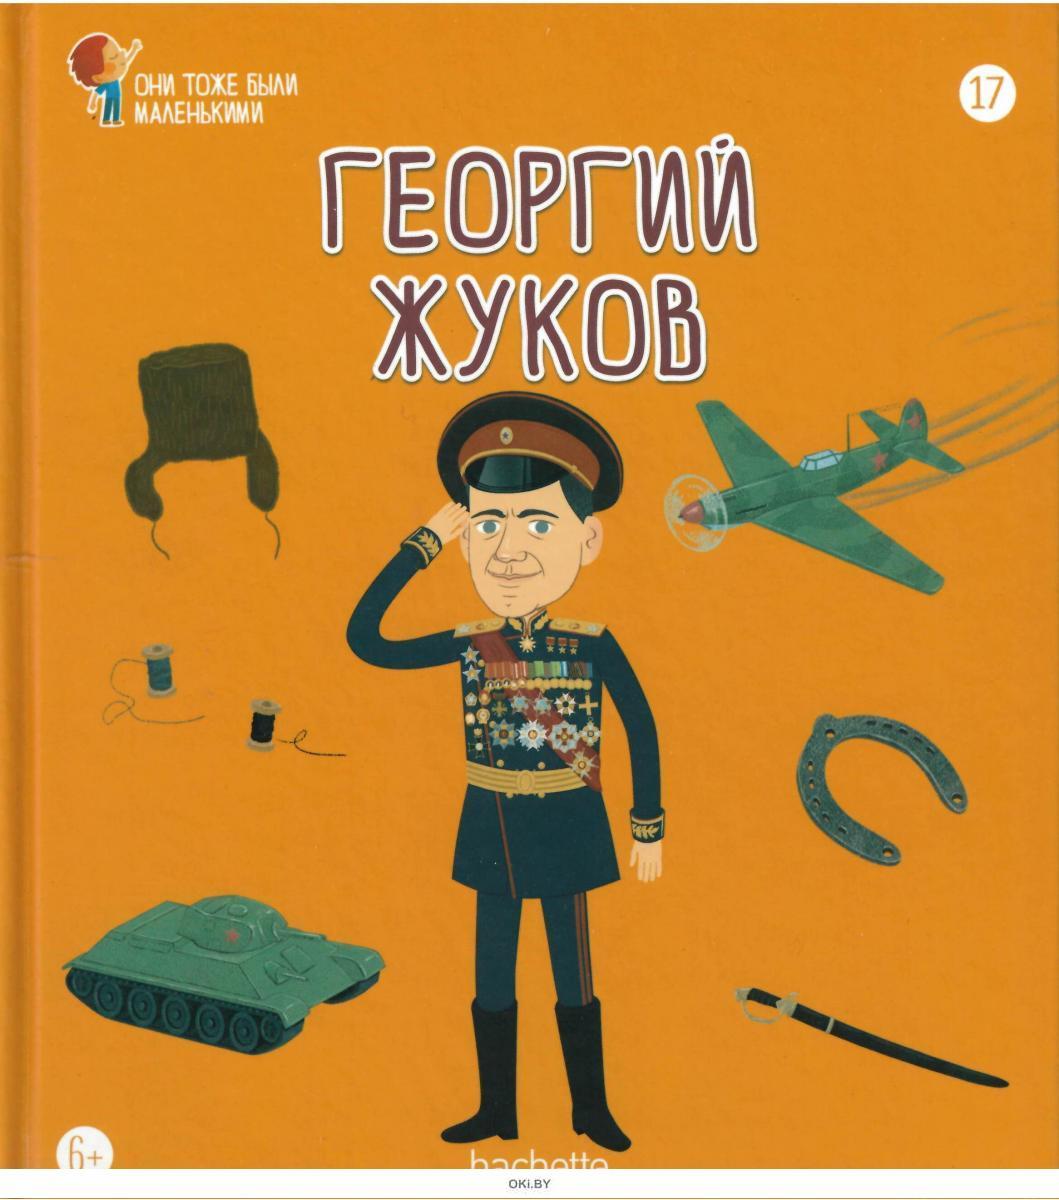 ОНИ ТОЖЕ БЫЛИ МАЛЕНЬКИМИ № 17. Георгий Жуков